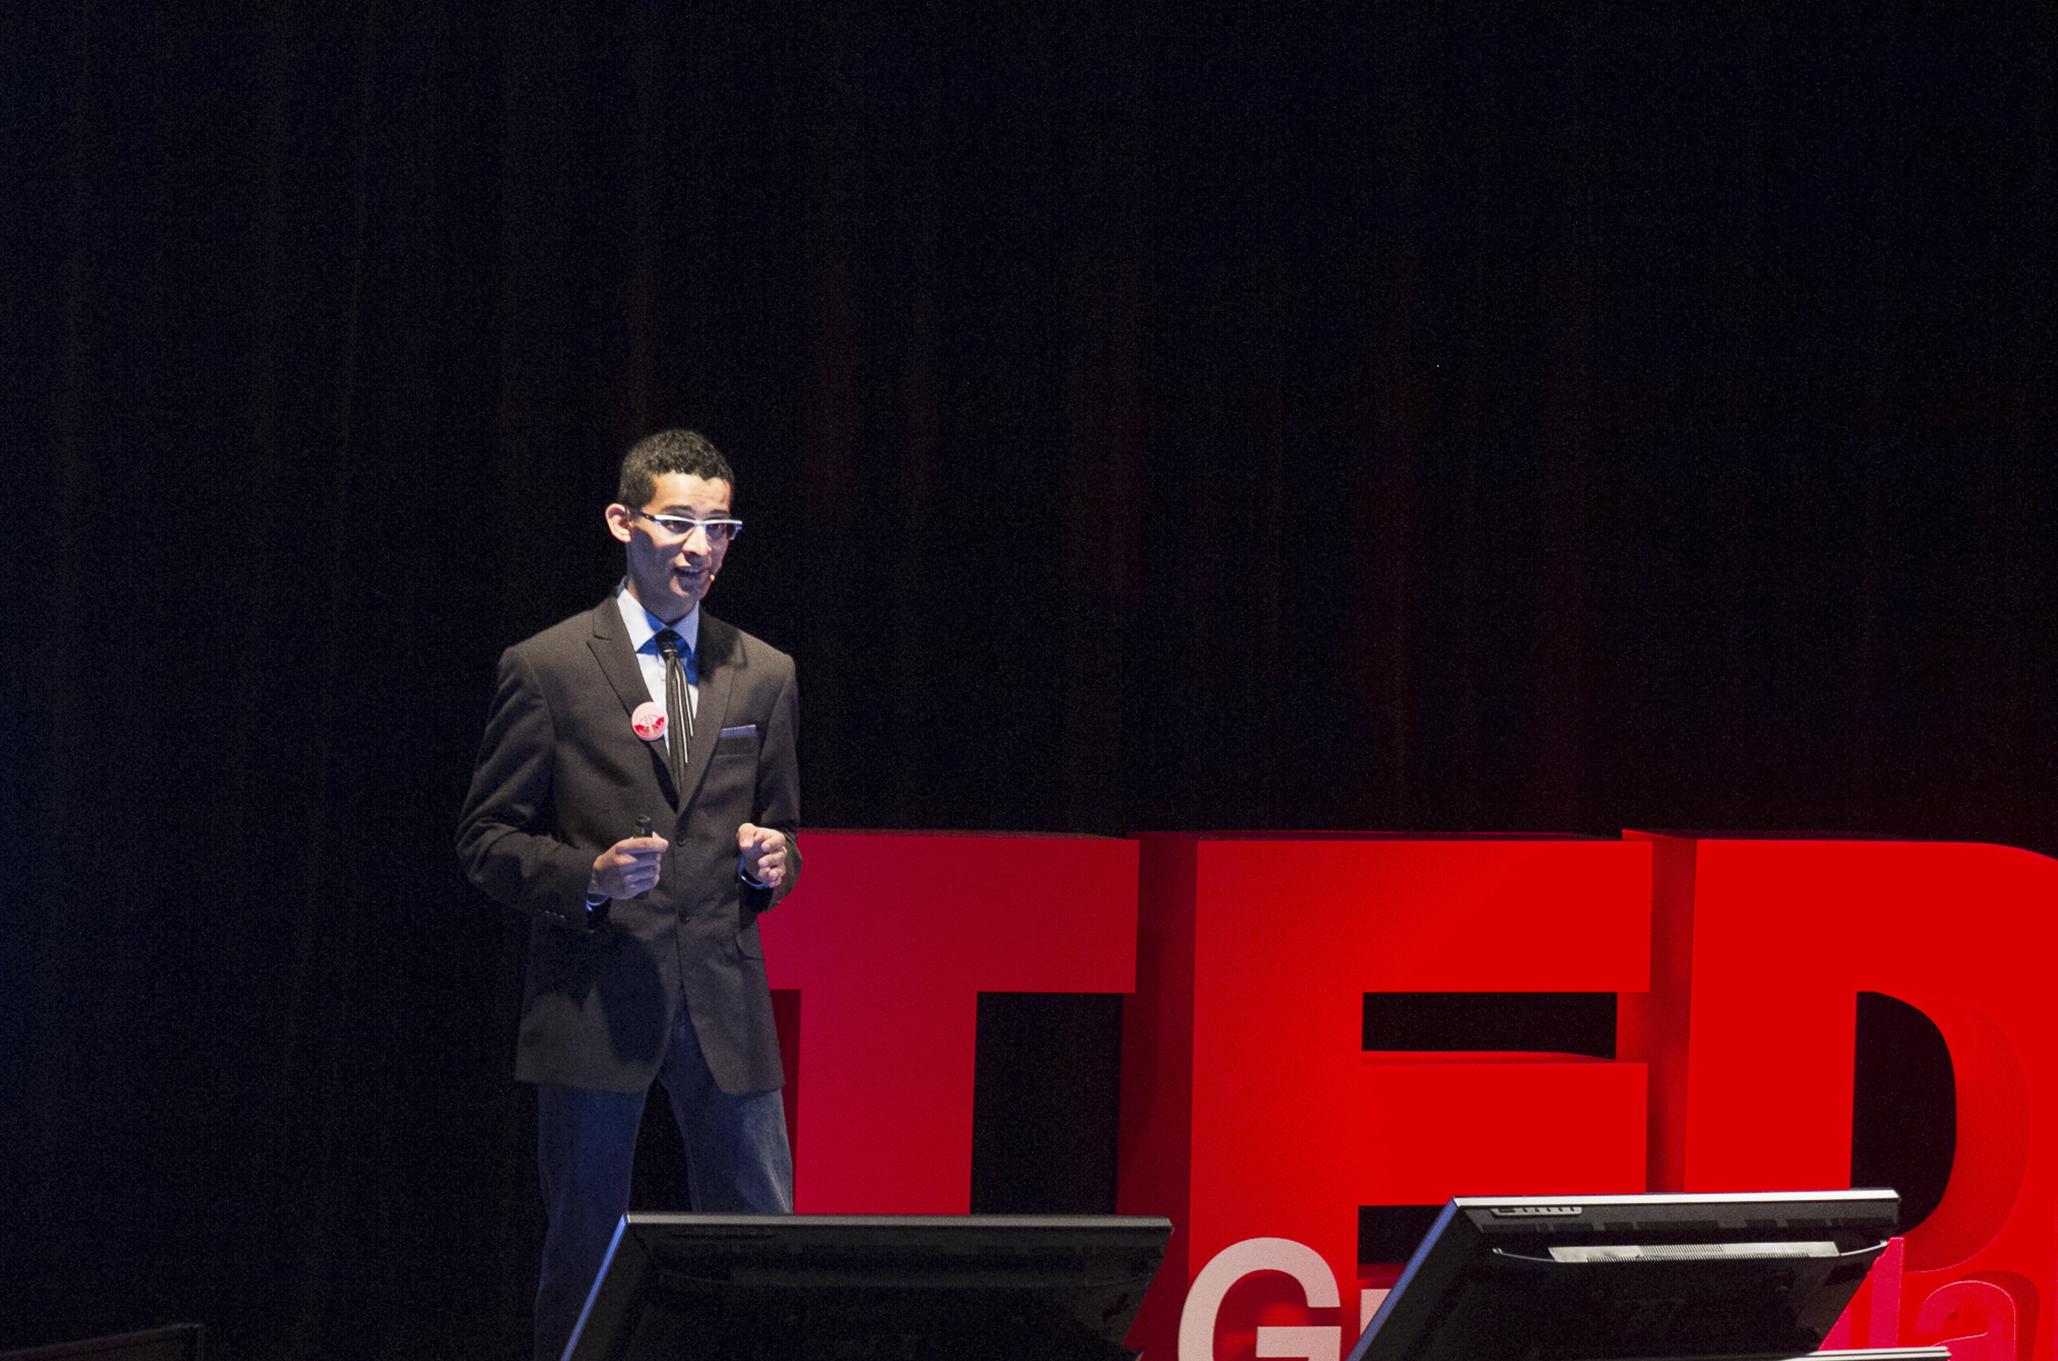 Demetrio Agustín Rodríguez Fajardo, estudiante del Centro Universitario de Ciencias de la Salud (CUCS), de la Universidad de Guadalajara, presentando su proyecto.